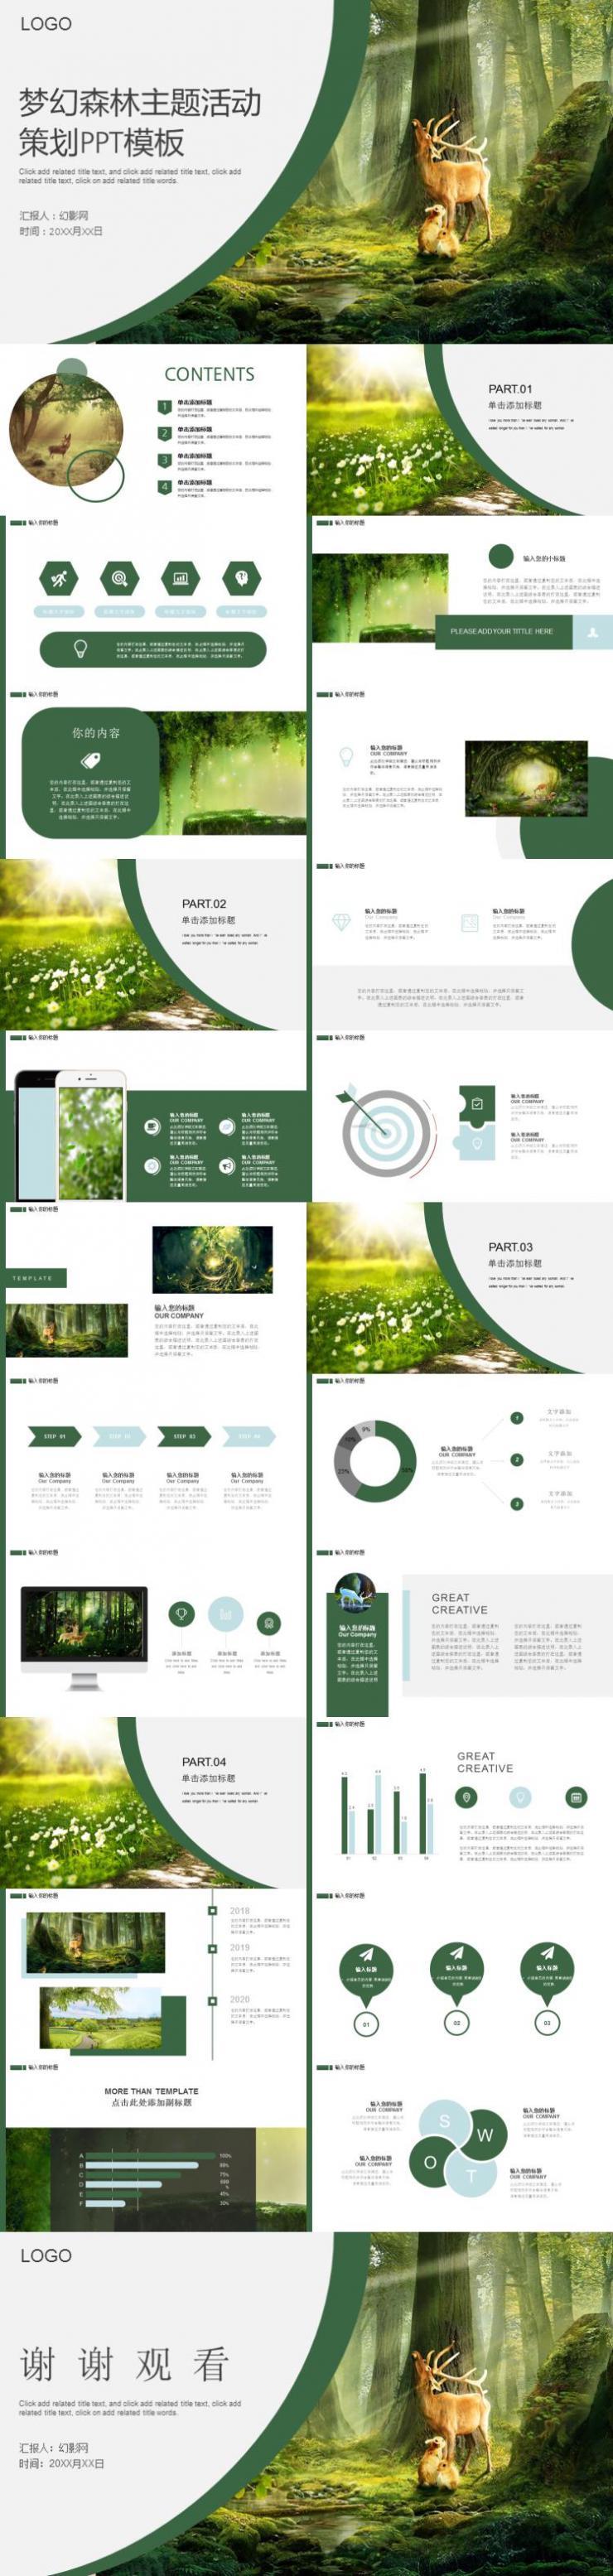 梦幻森林主题活动策划PPT模板下载